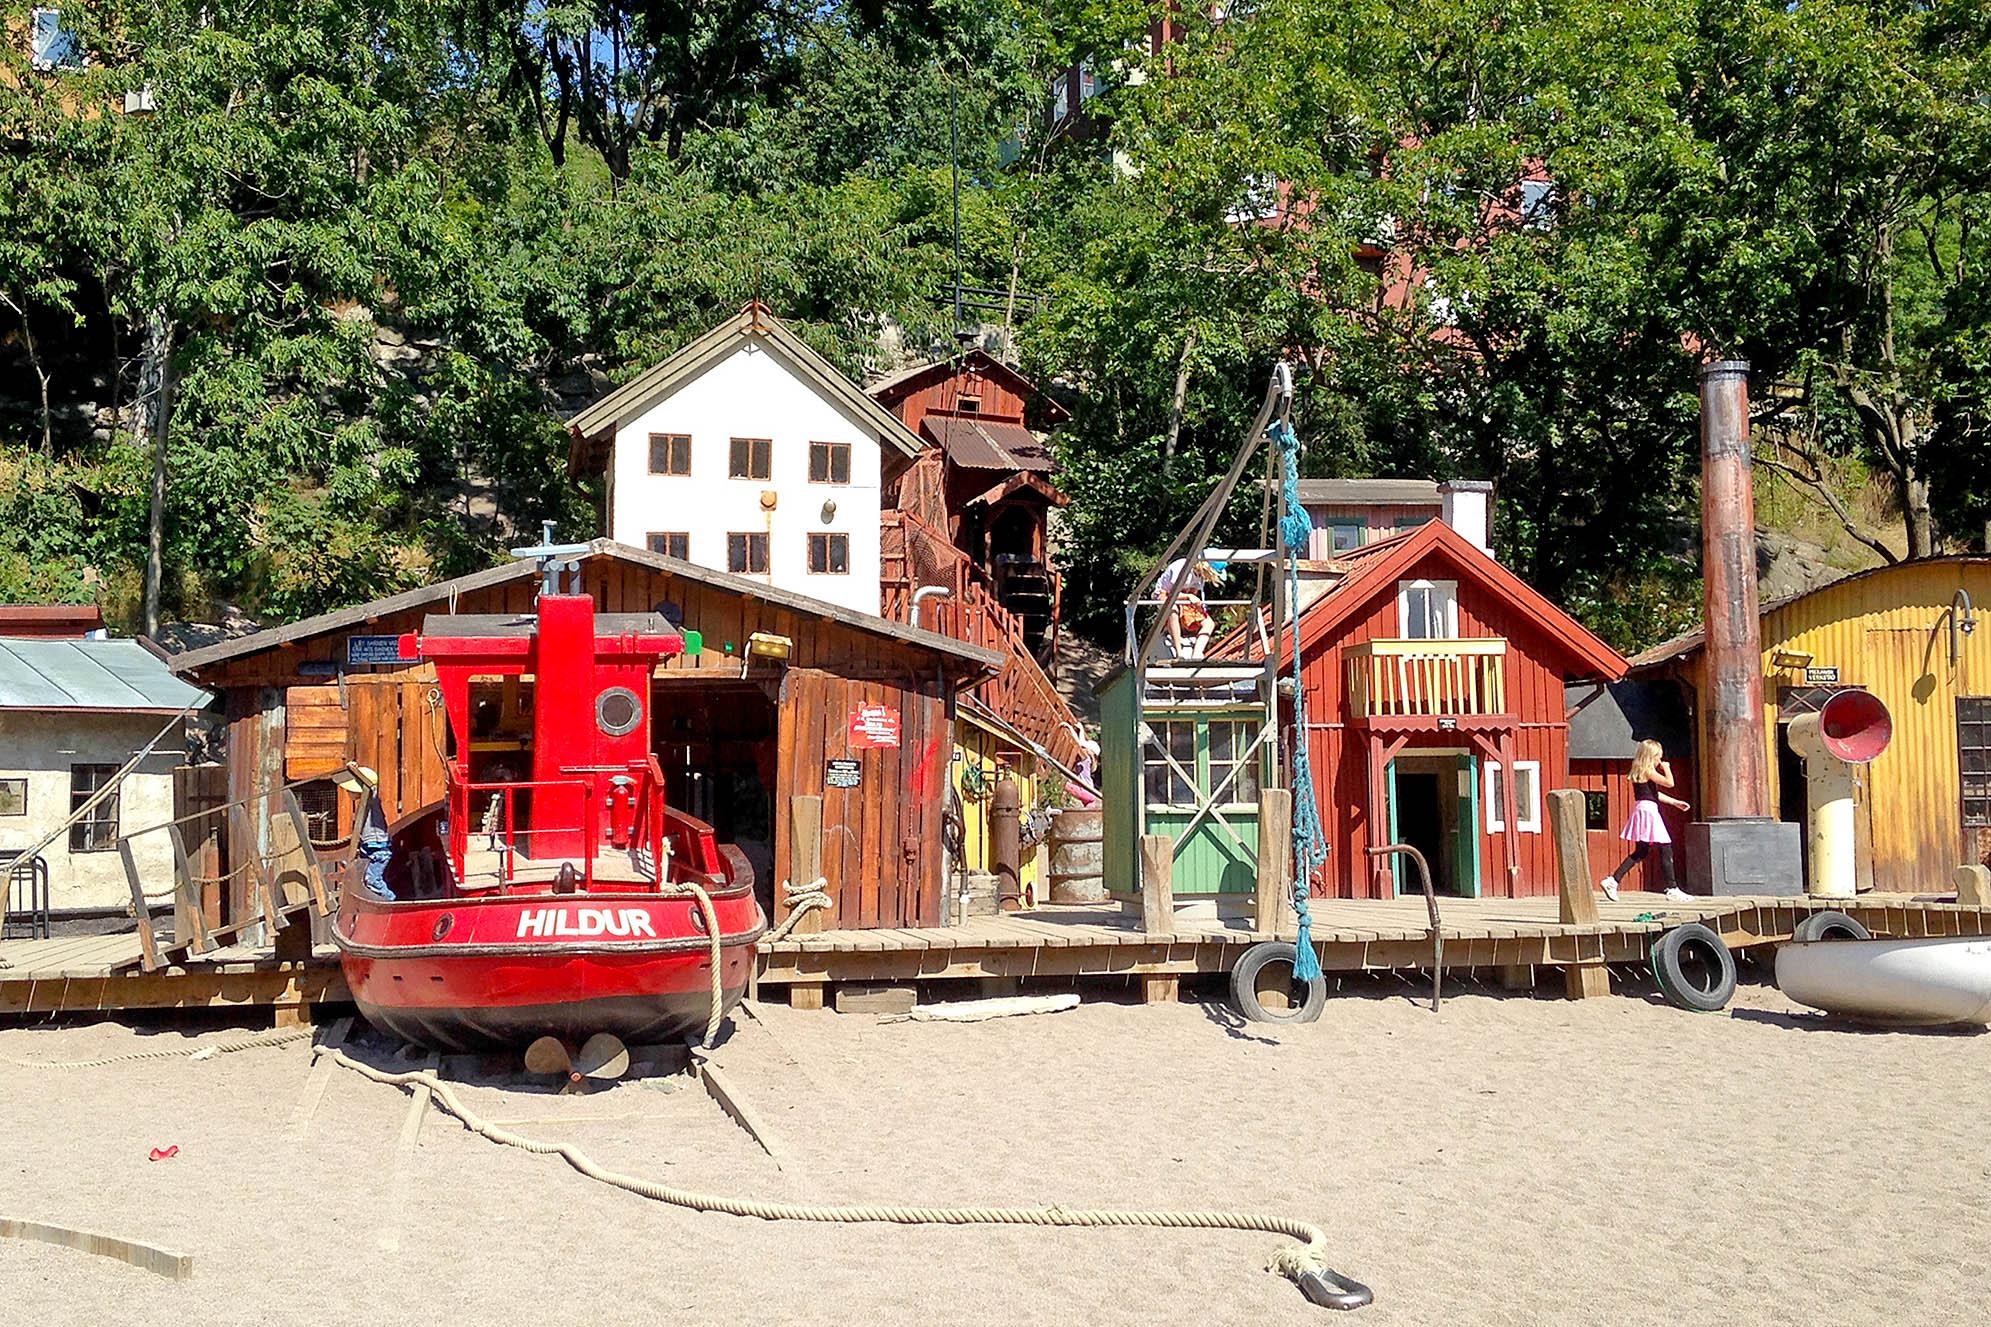 Anders Franzéns park i Hammarby sjöstad. Stockholms bästa lekplatser.